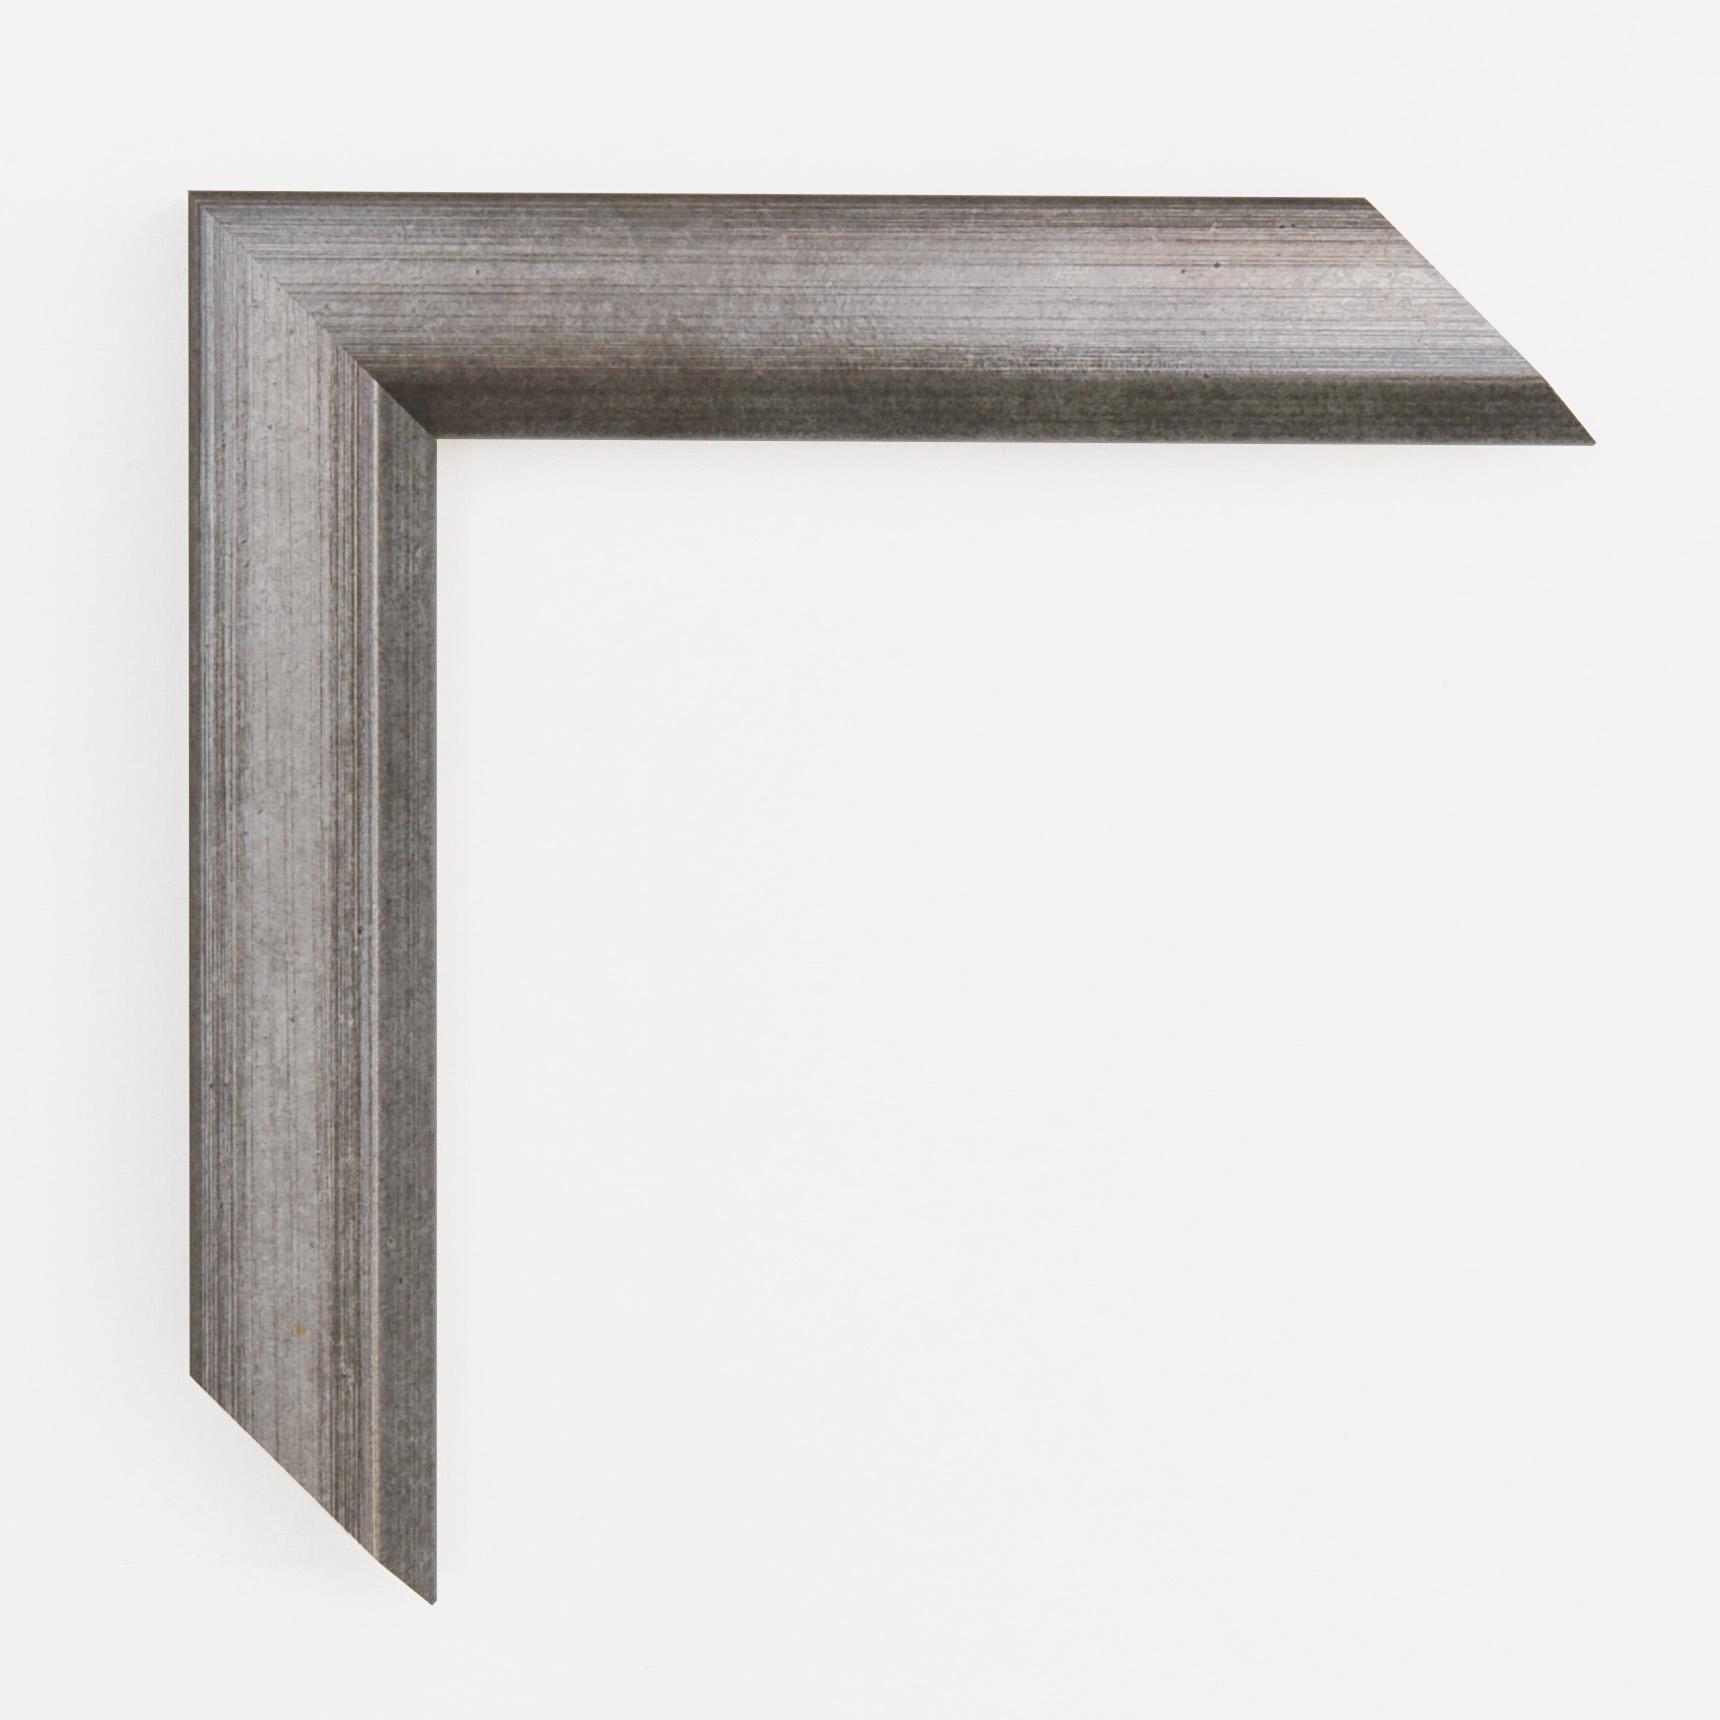 Holz Bilderrahmen In Puzzleform ~ Klassische Holz Bilderrahmen von Salvadori